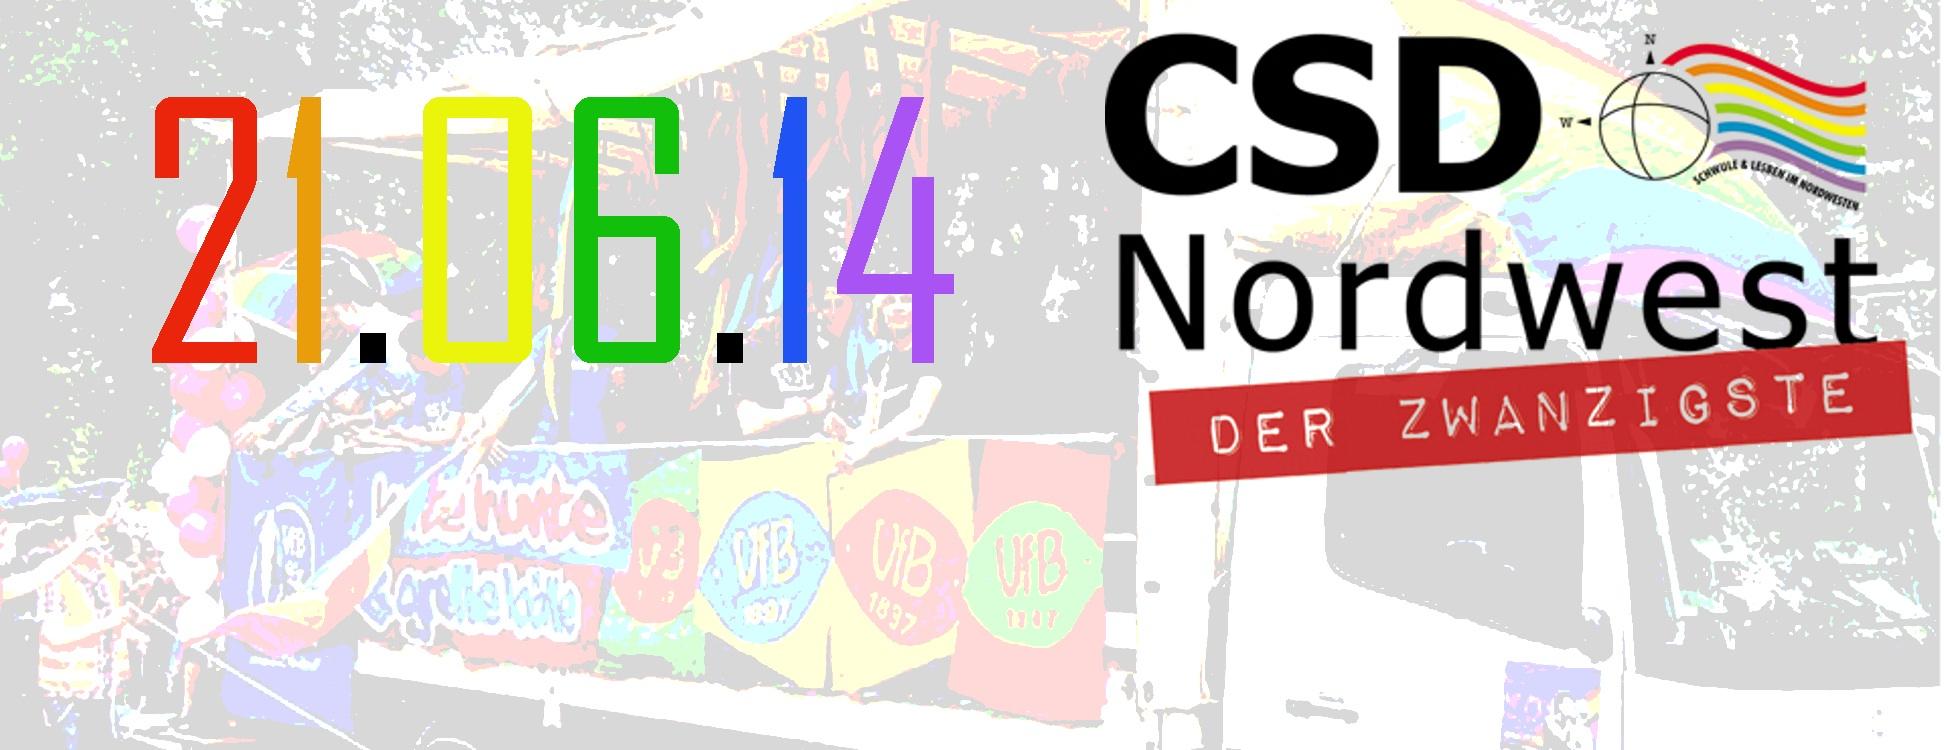 CSD2014